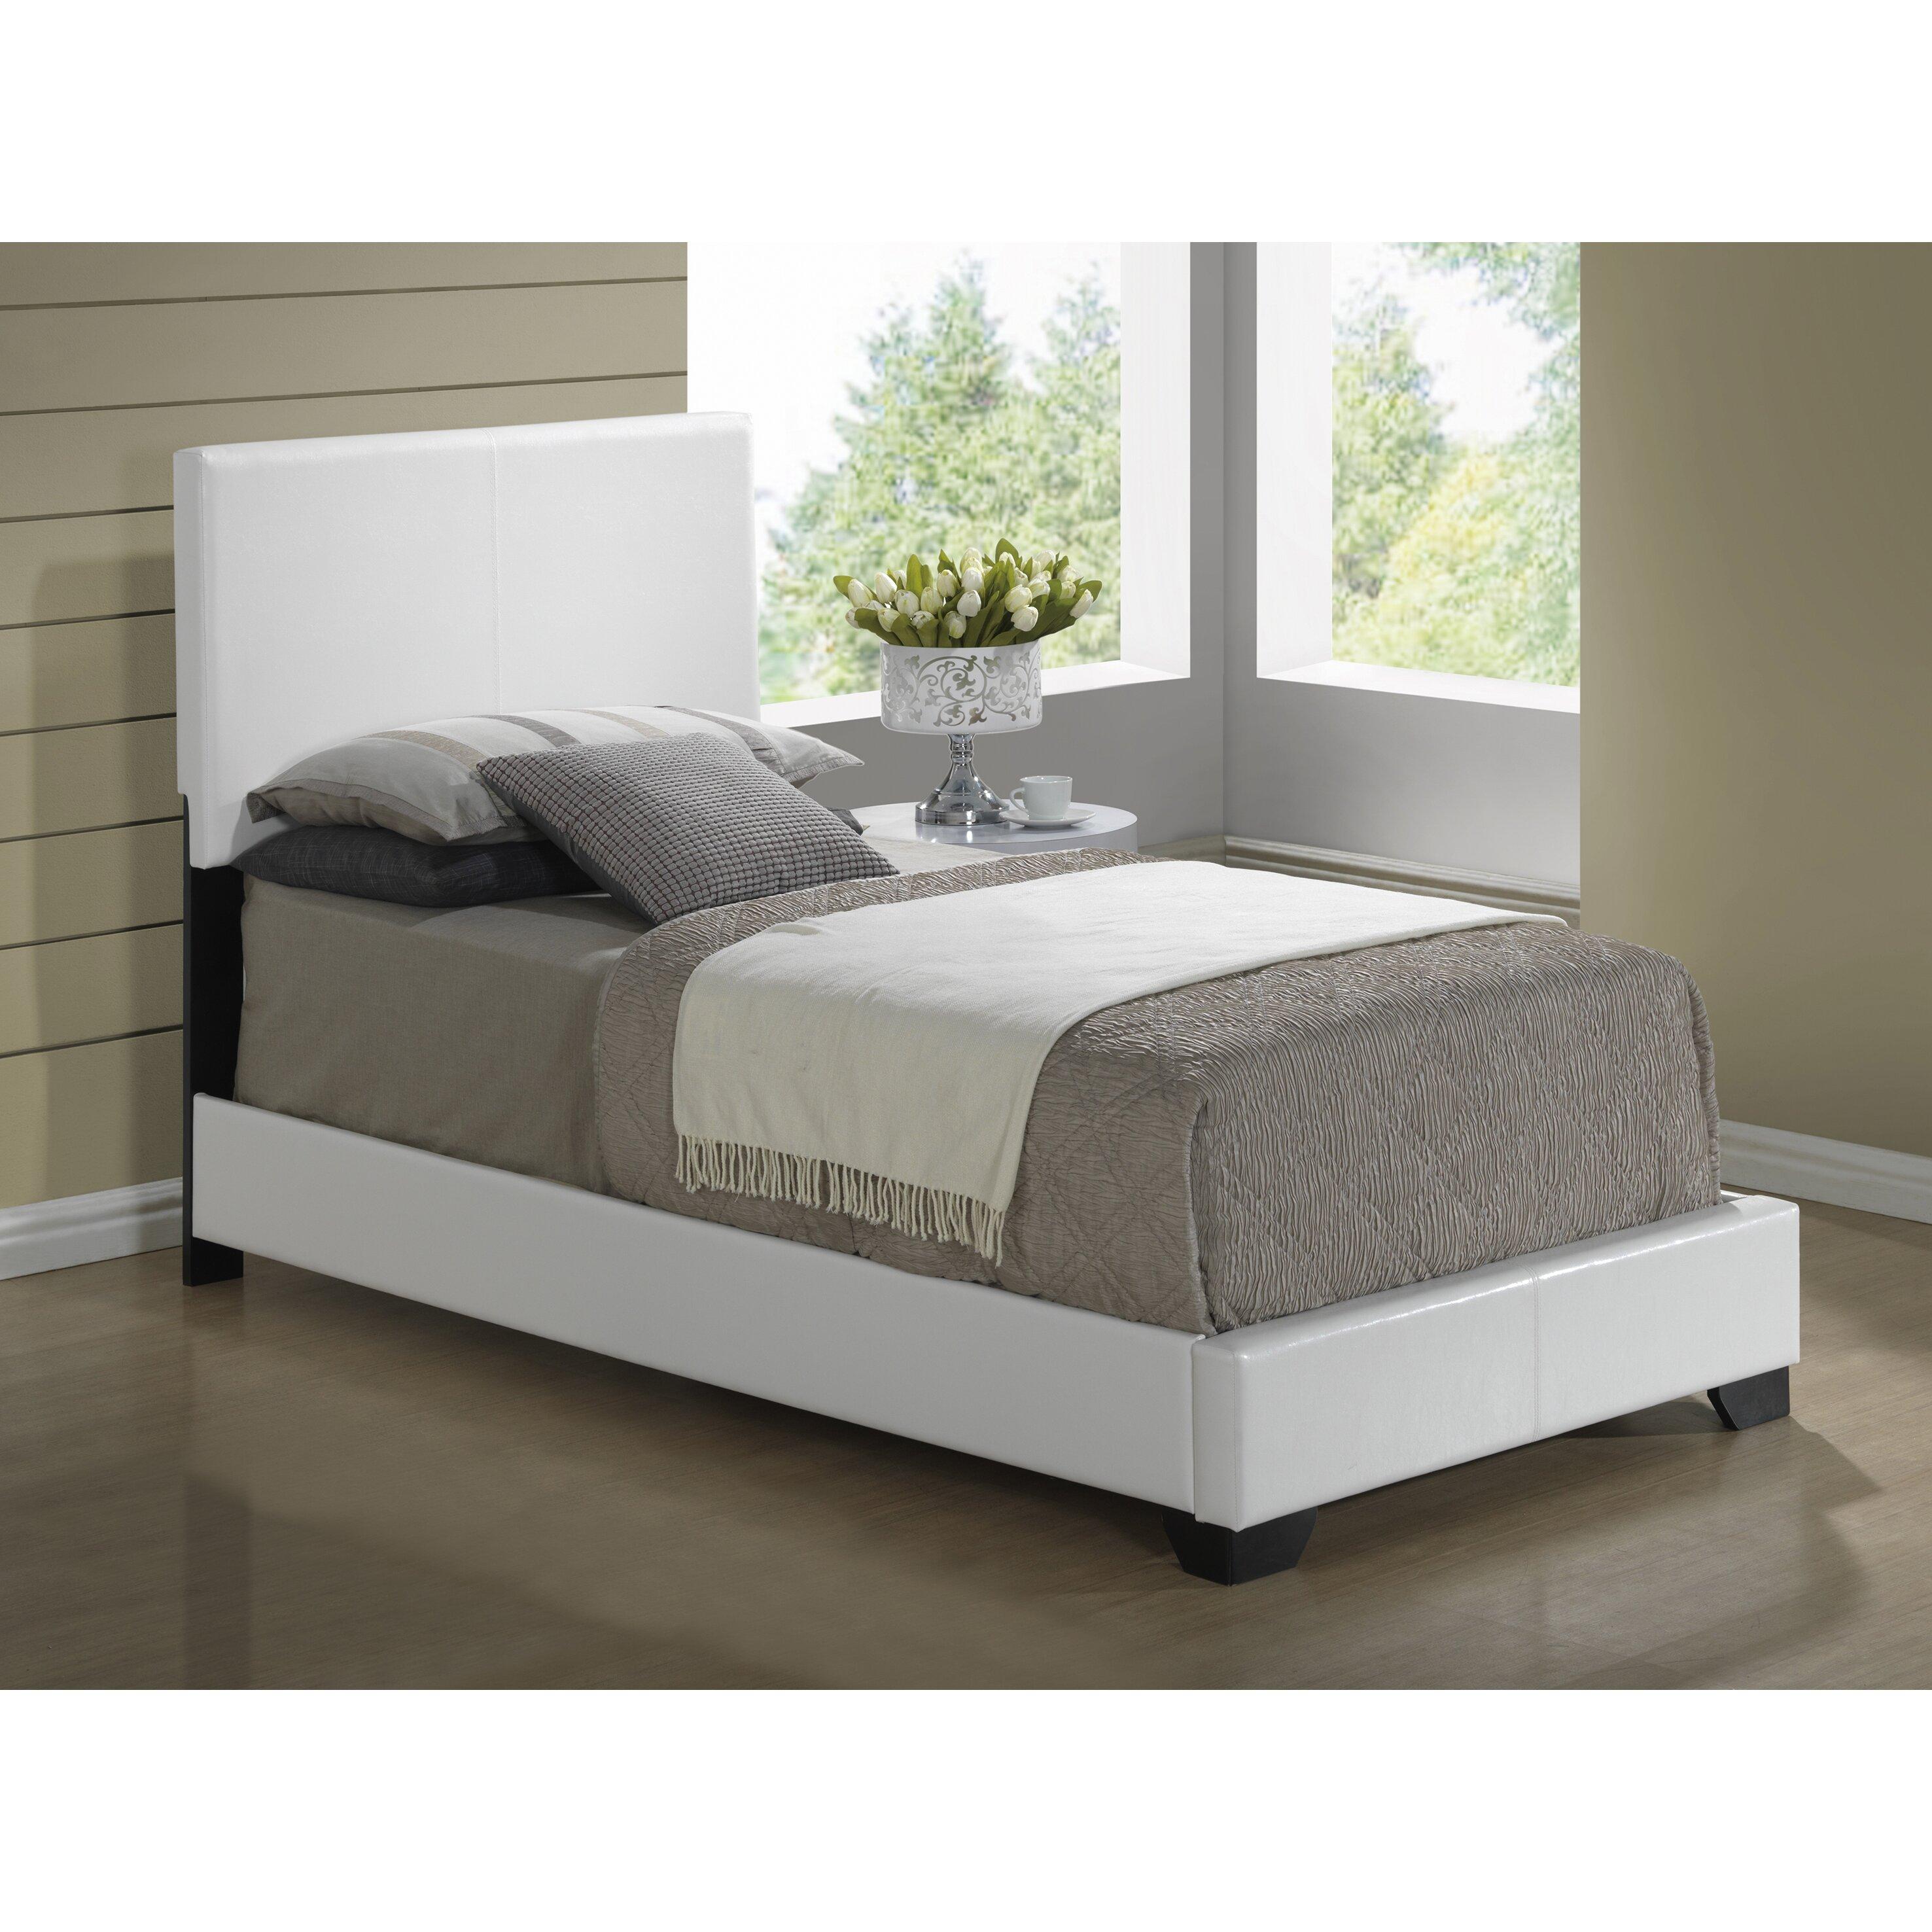 Global Bedroom Furniture Global Furniture Usa Upholstered Platform Bed Reviews Wayfair